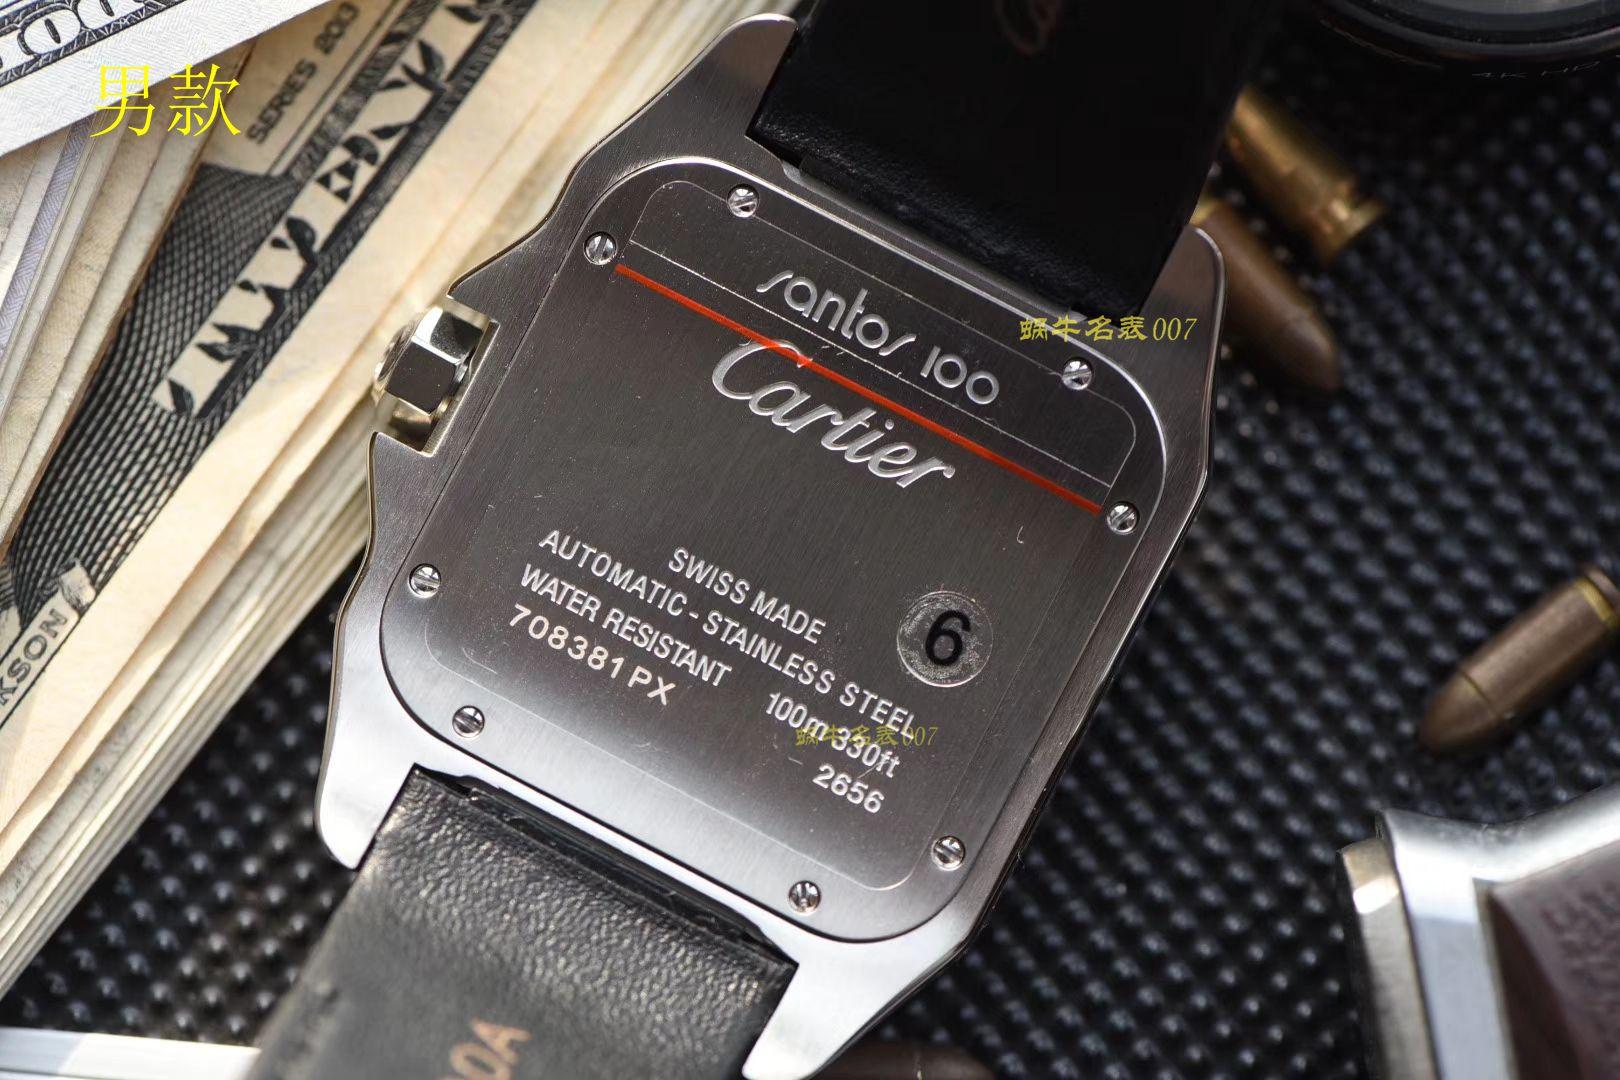 【视频评测】卡地亚山度士系列W20106X8腕表,V6厂一比一超A高仿顶级满钻款SANTOS 100后镶钻 / K212